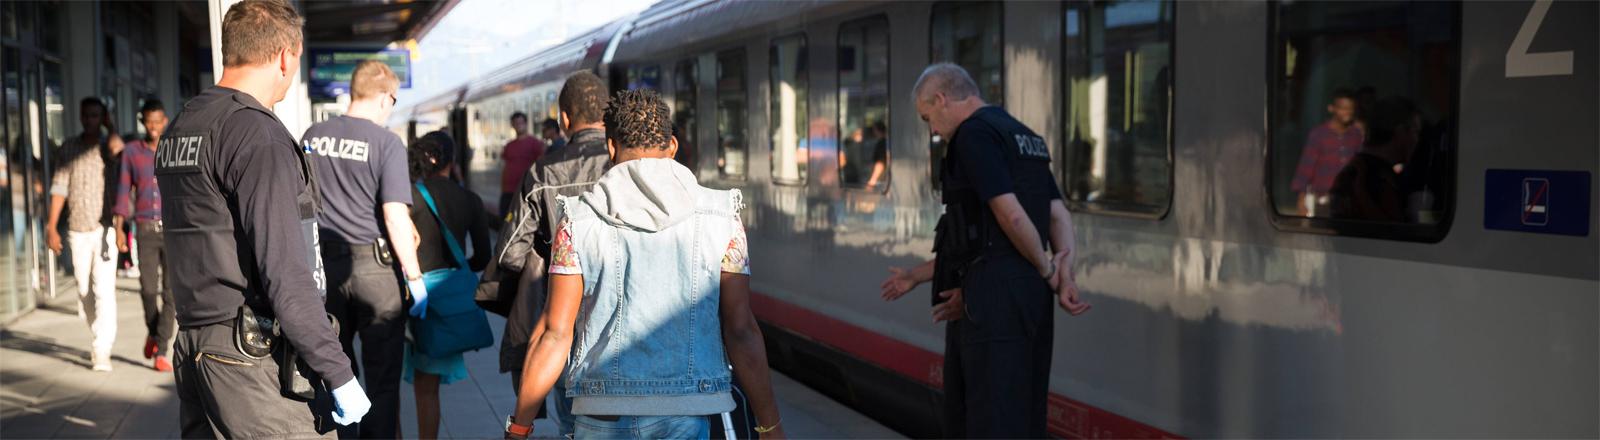 Kontrolle von Flüchtlingen im Bahnhof Rosenheim im August 2015